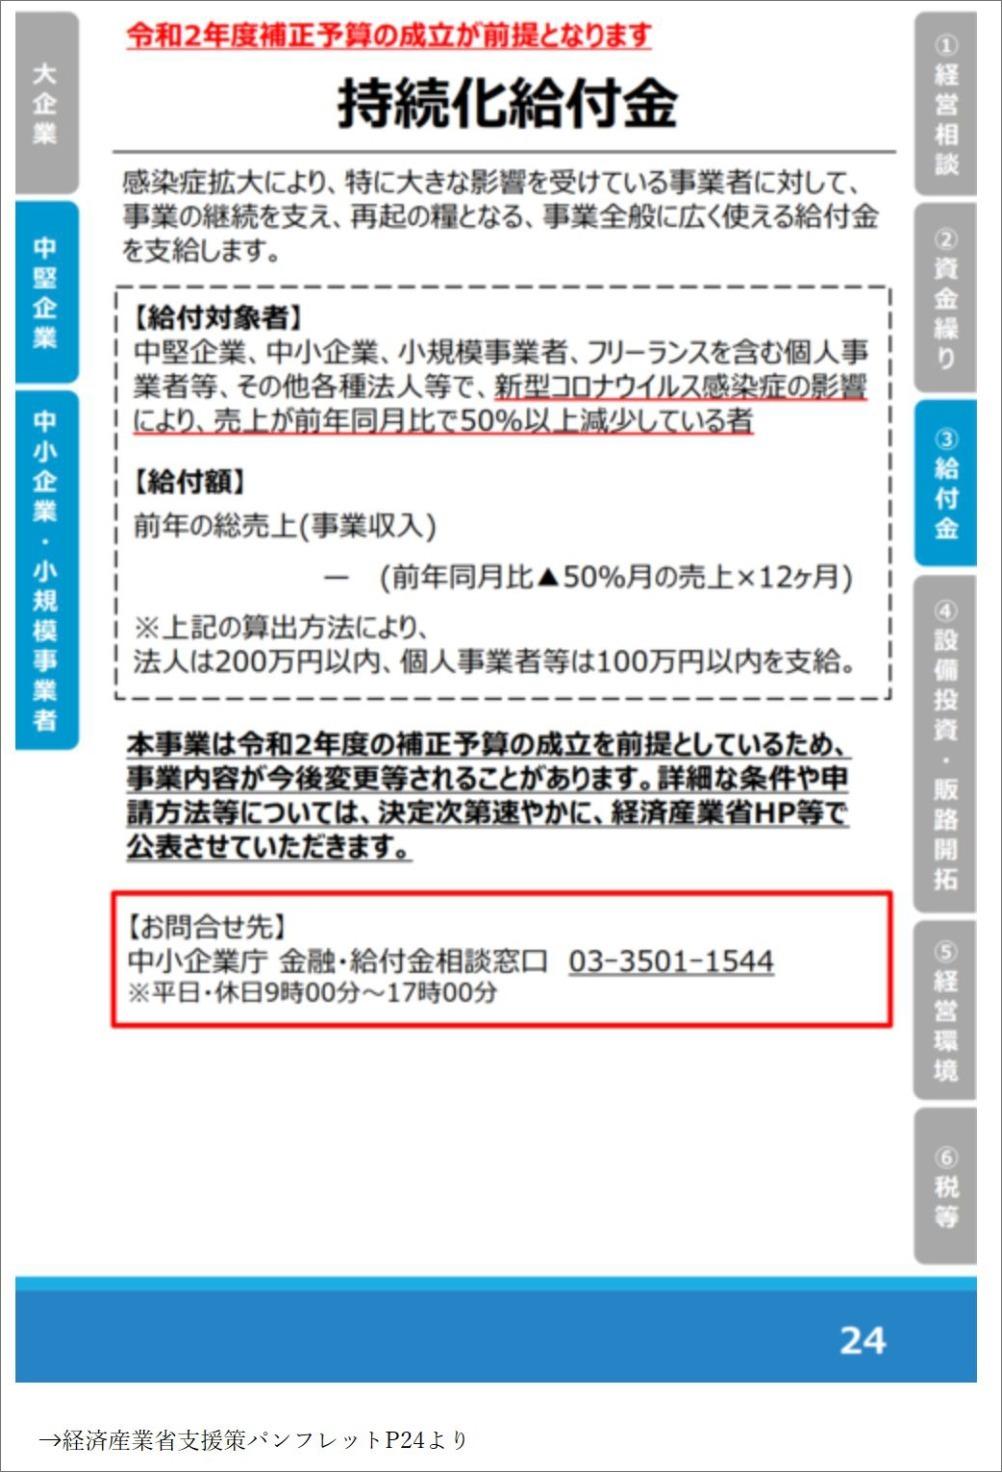 給付金 緊急事態宣言 7  4月12 日(日) 6880_b0069507_21260974.jpg